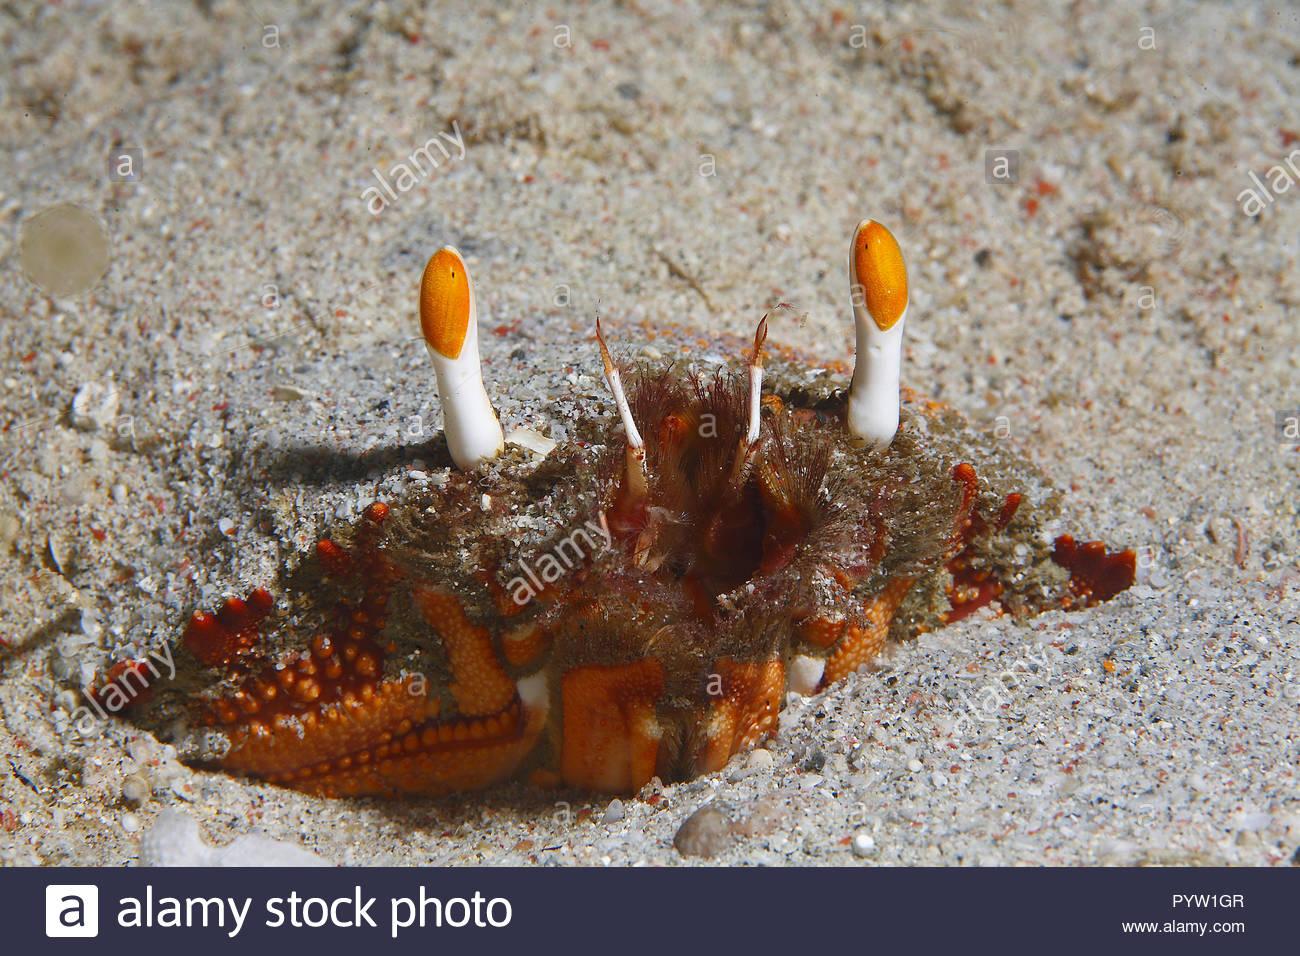 Eye detail of a Spanner crab (Ranina ranina), Sabang Beach, Mindoro, Philippines - Stock Image